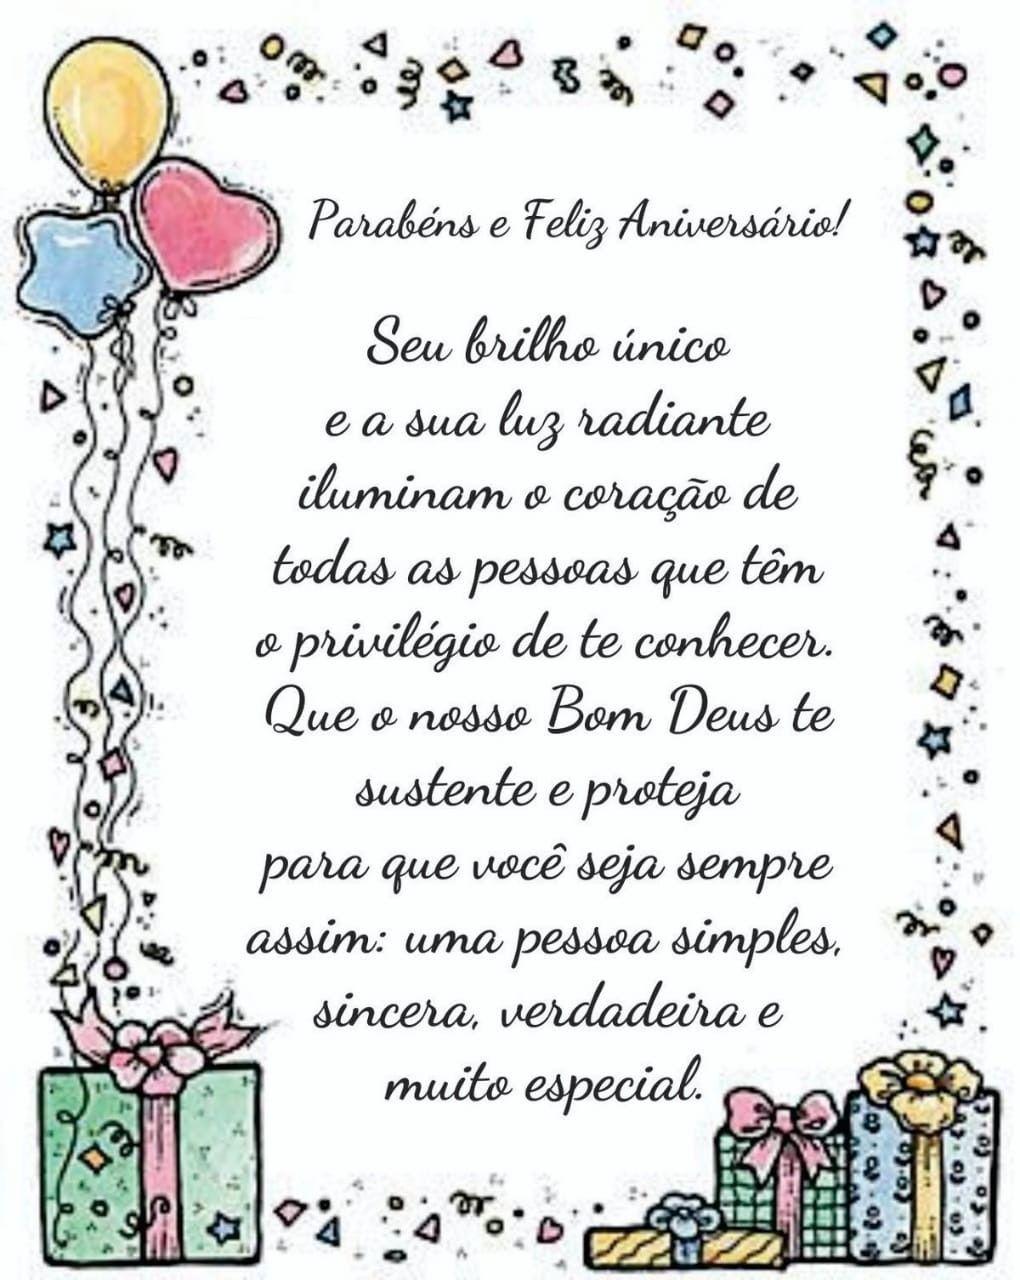 Pin De Cassia Araujo Em Felicitacoes Fotos De Feliz Aniversario